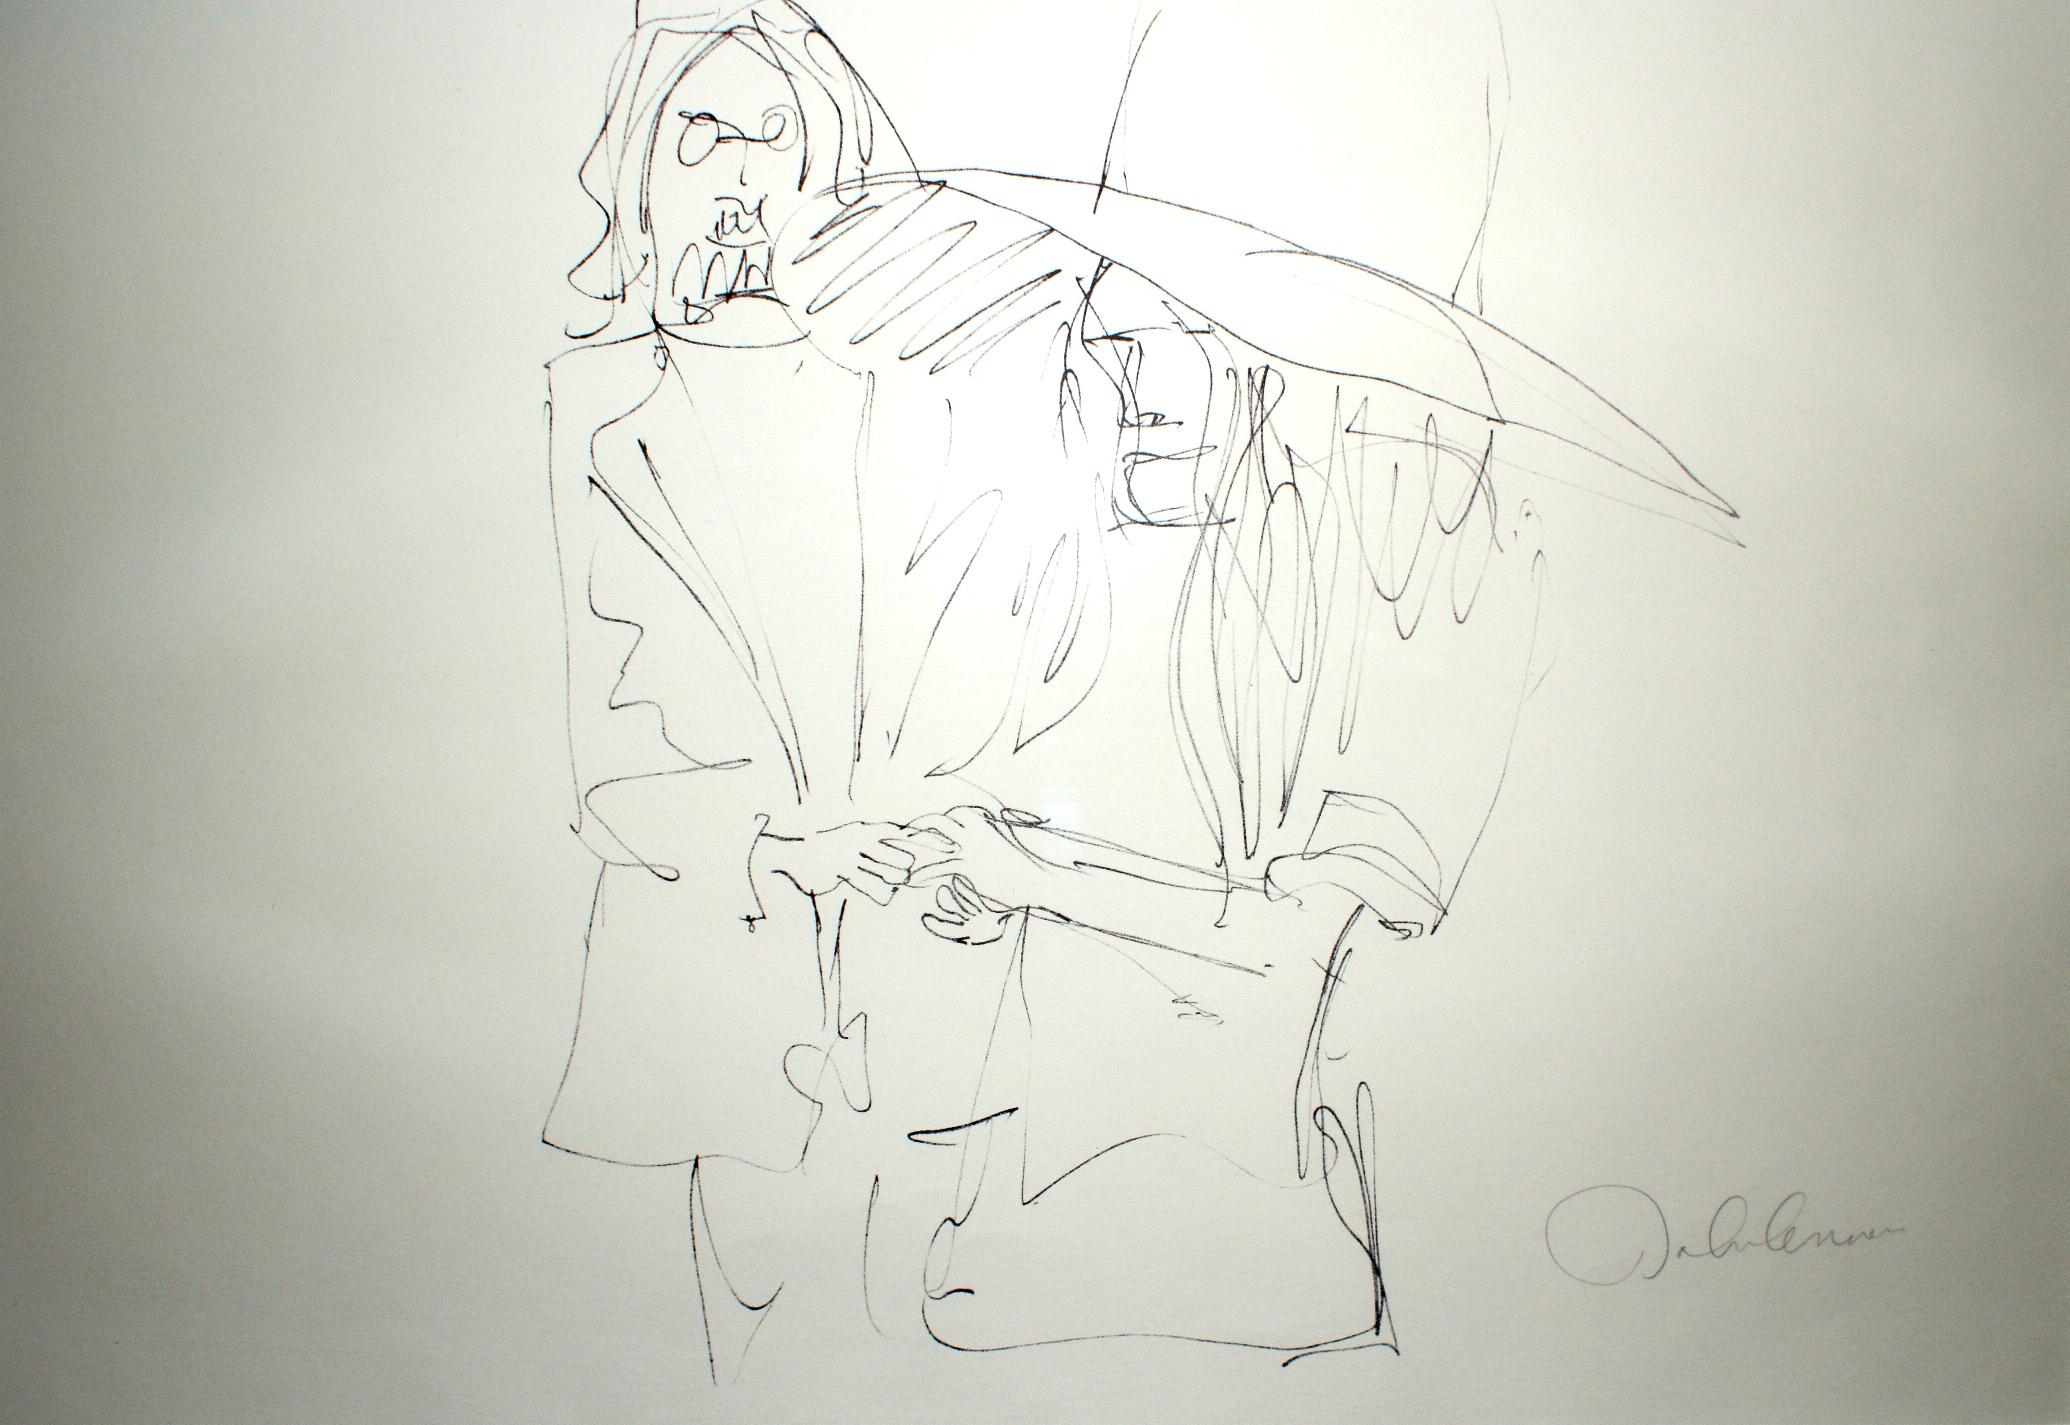 Exchange of Rings artwork by John Lennon - art listed for sale on Artplode